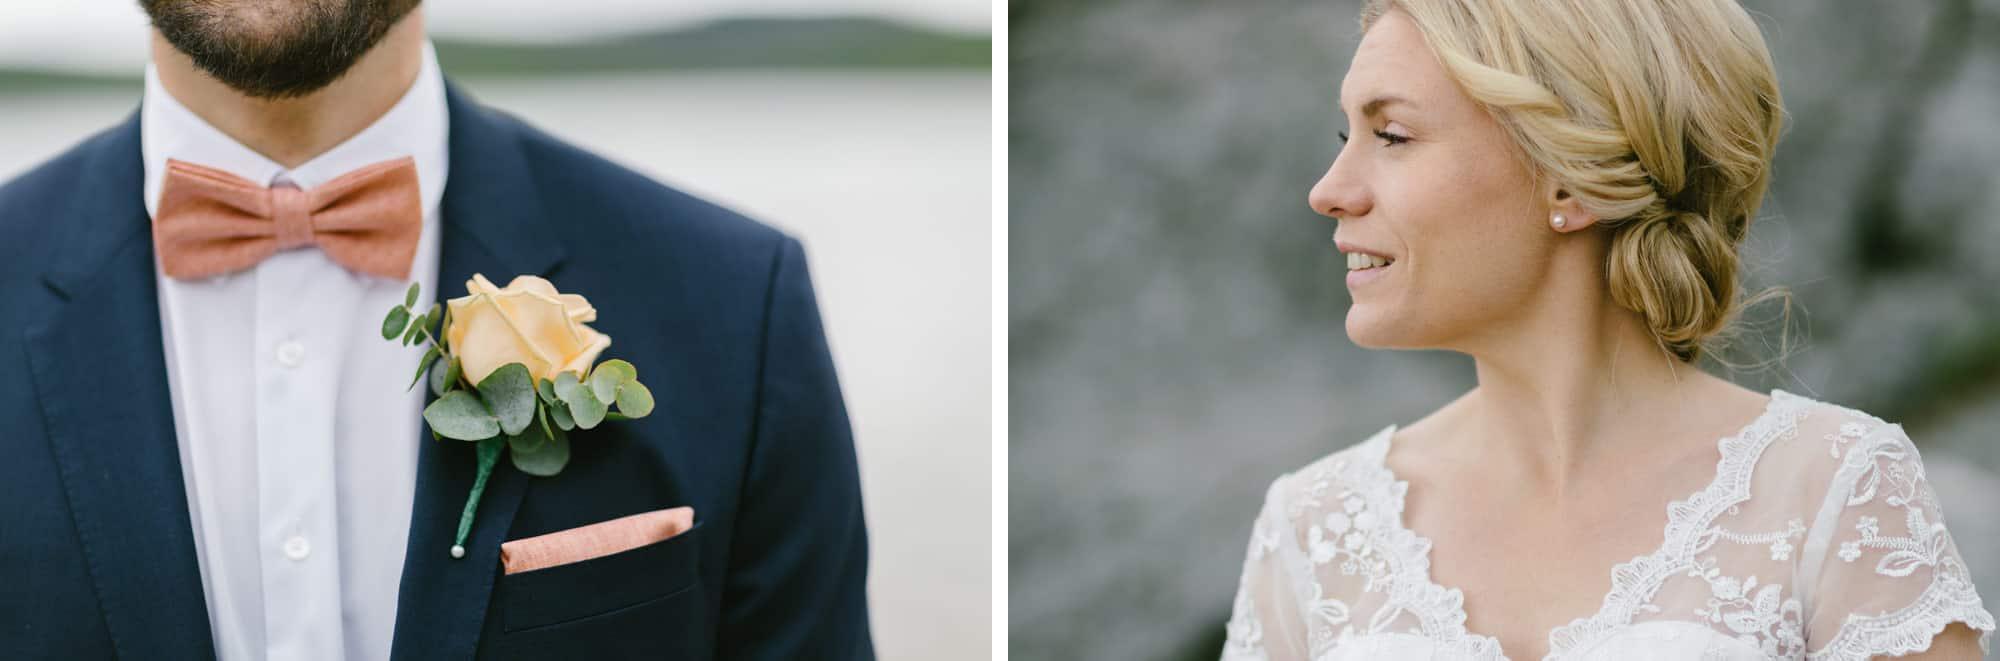 Bröllop, Bohuslän, Skredsvik, , Munkedal, Gullmarn, Sommar,Porträtt, Portraits, Sverige, Hedvig & Daniel, Oskar Allerby, Sweden